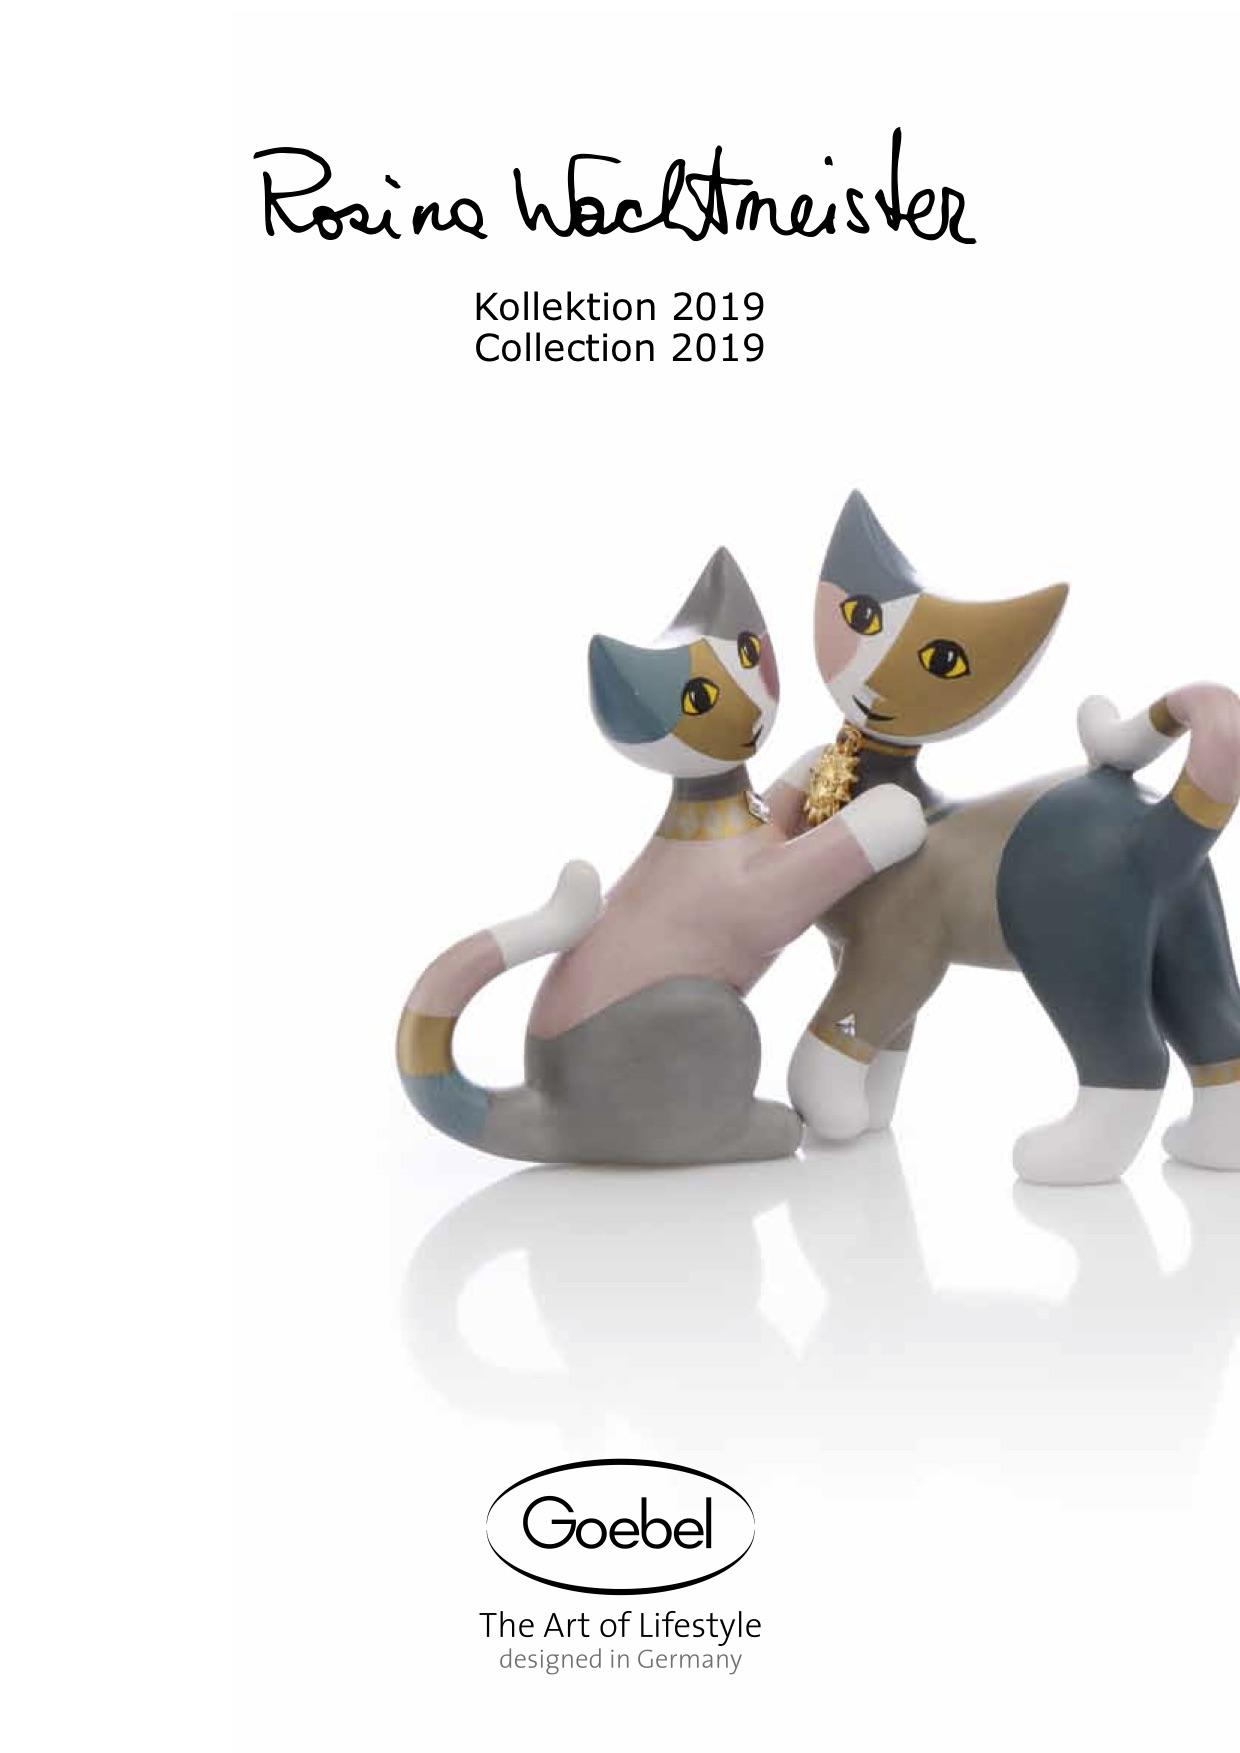 Goebel Katalog Rosina Wachtmeister